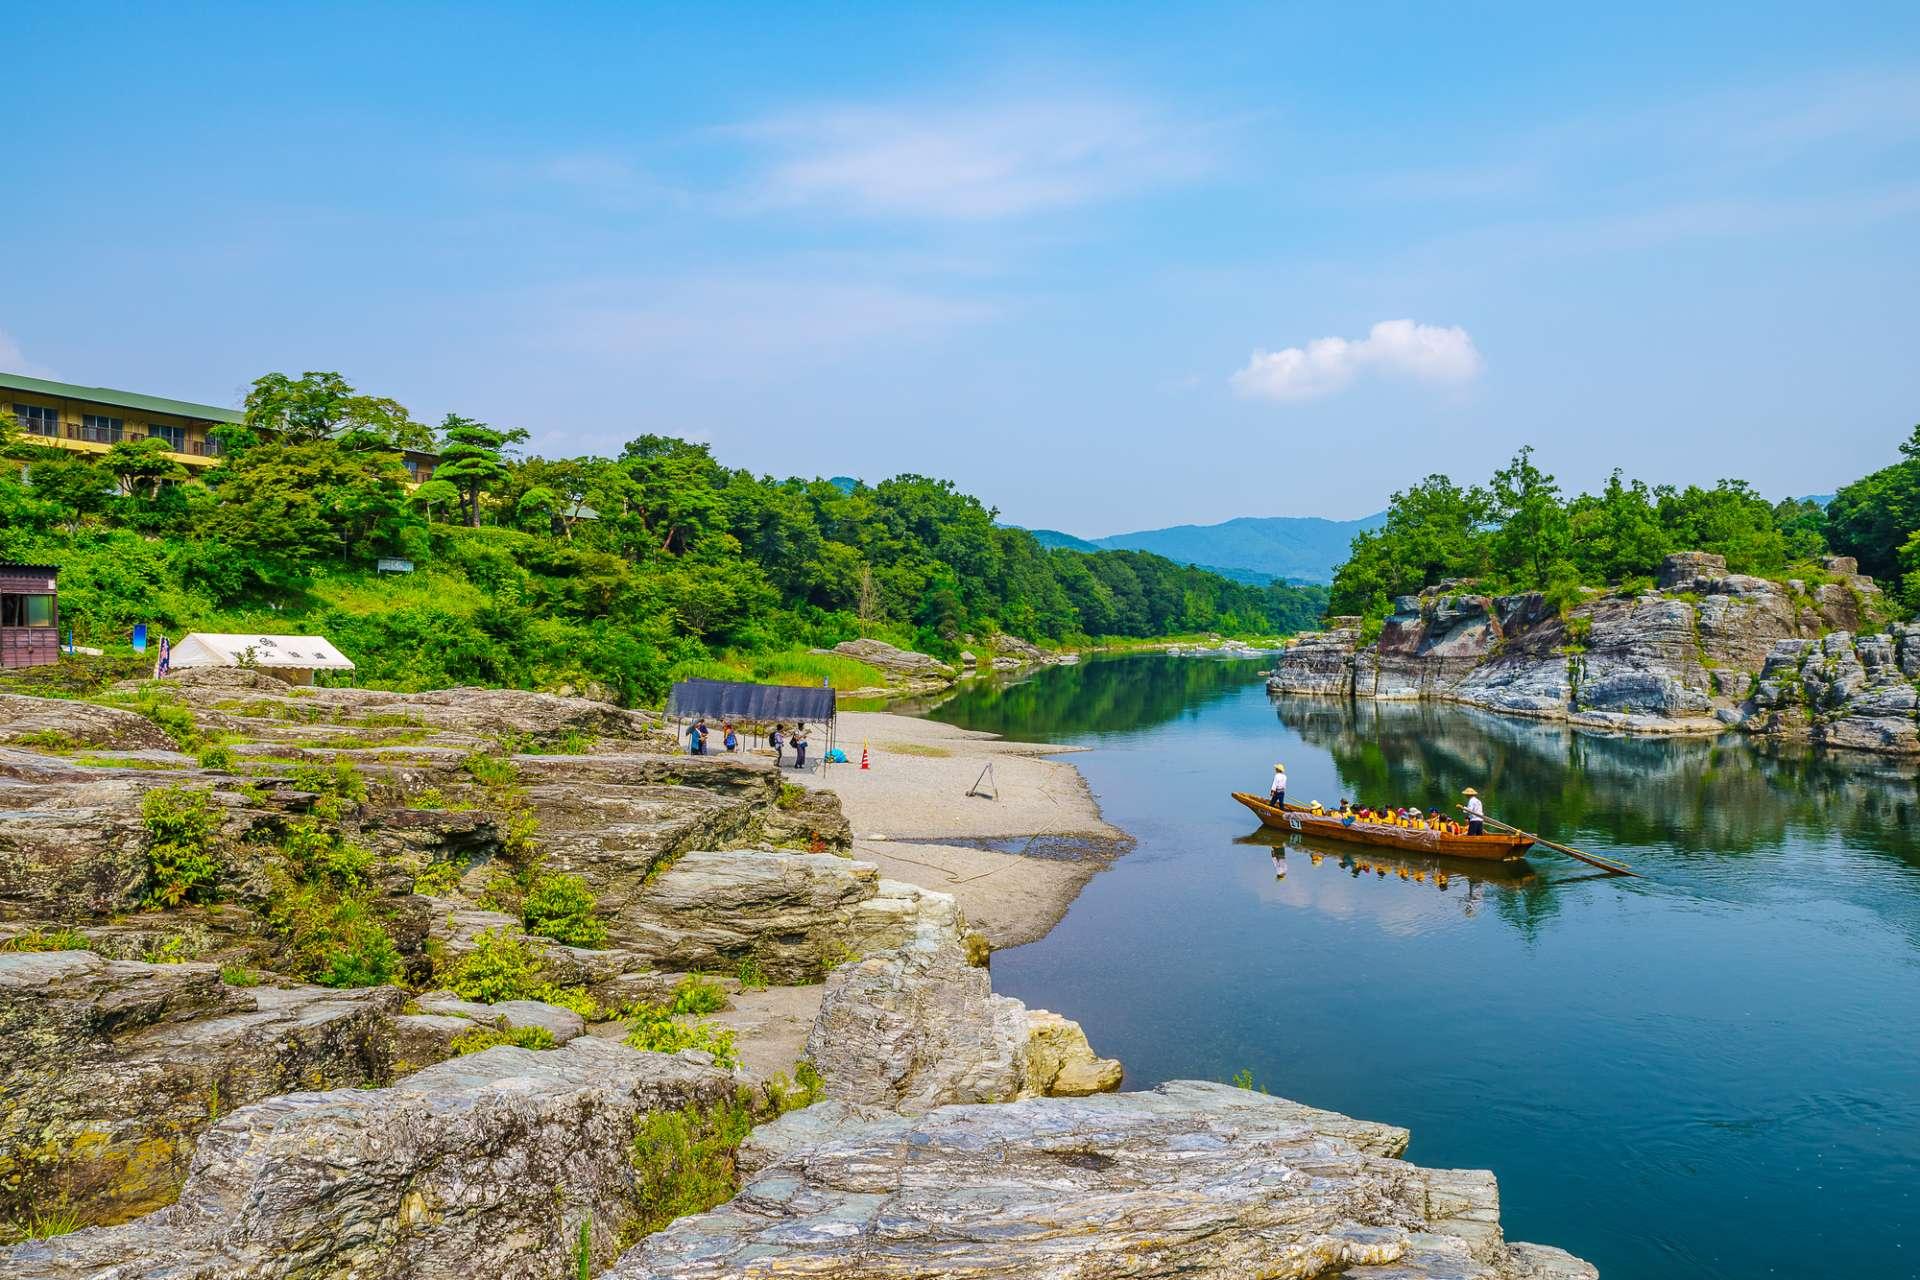 從喧囂的東京前往秩父長瀞溪谷,悠閒的泛舟行程也相當推薦